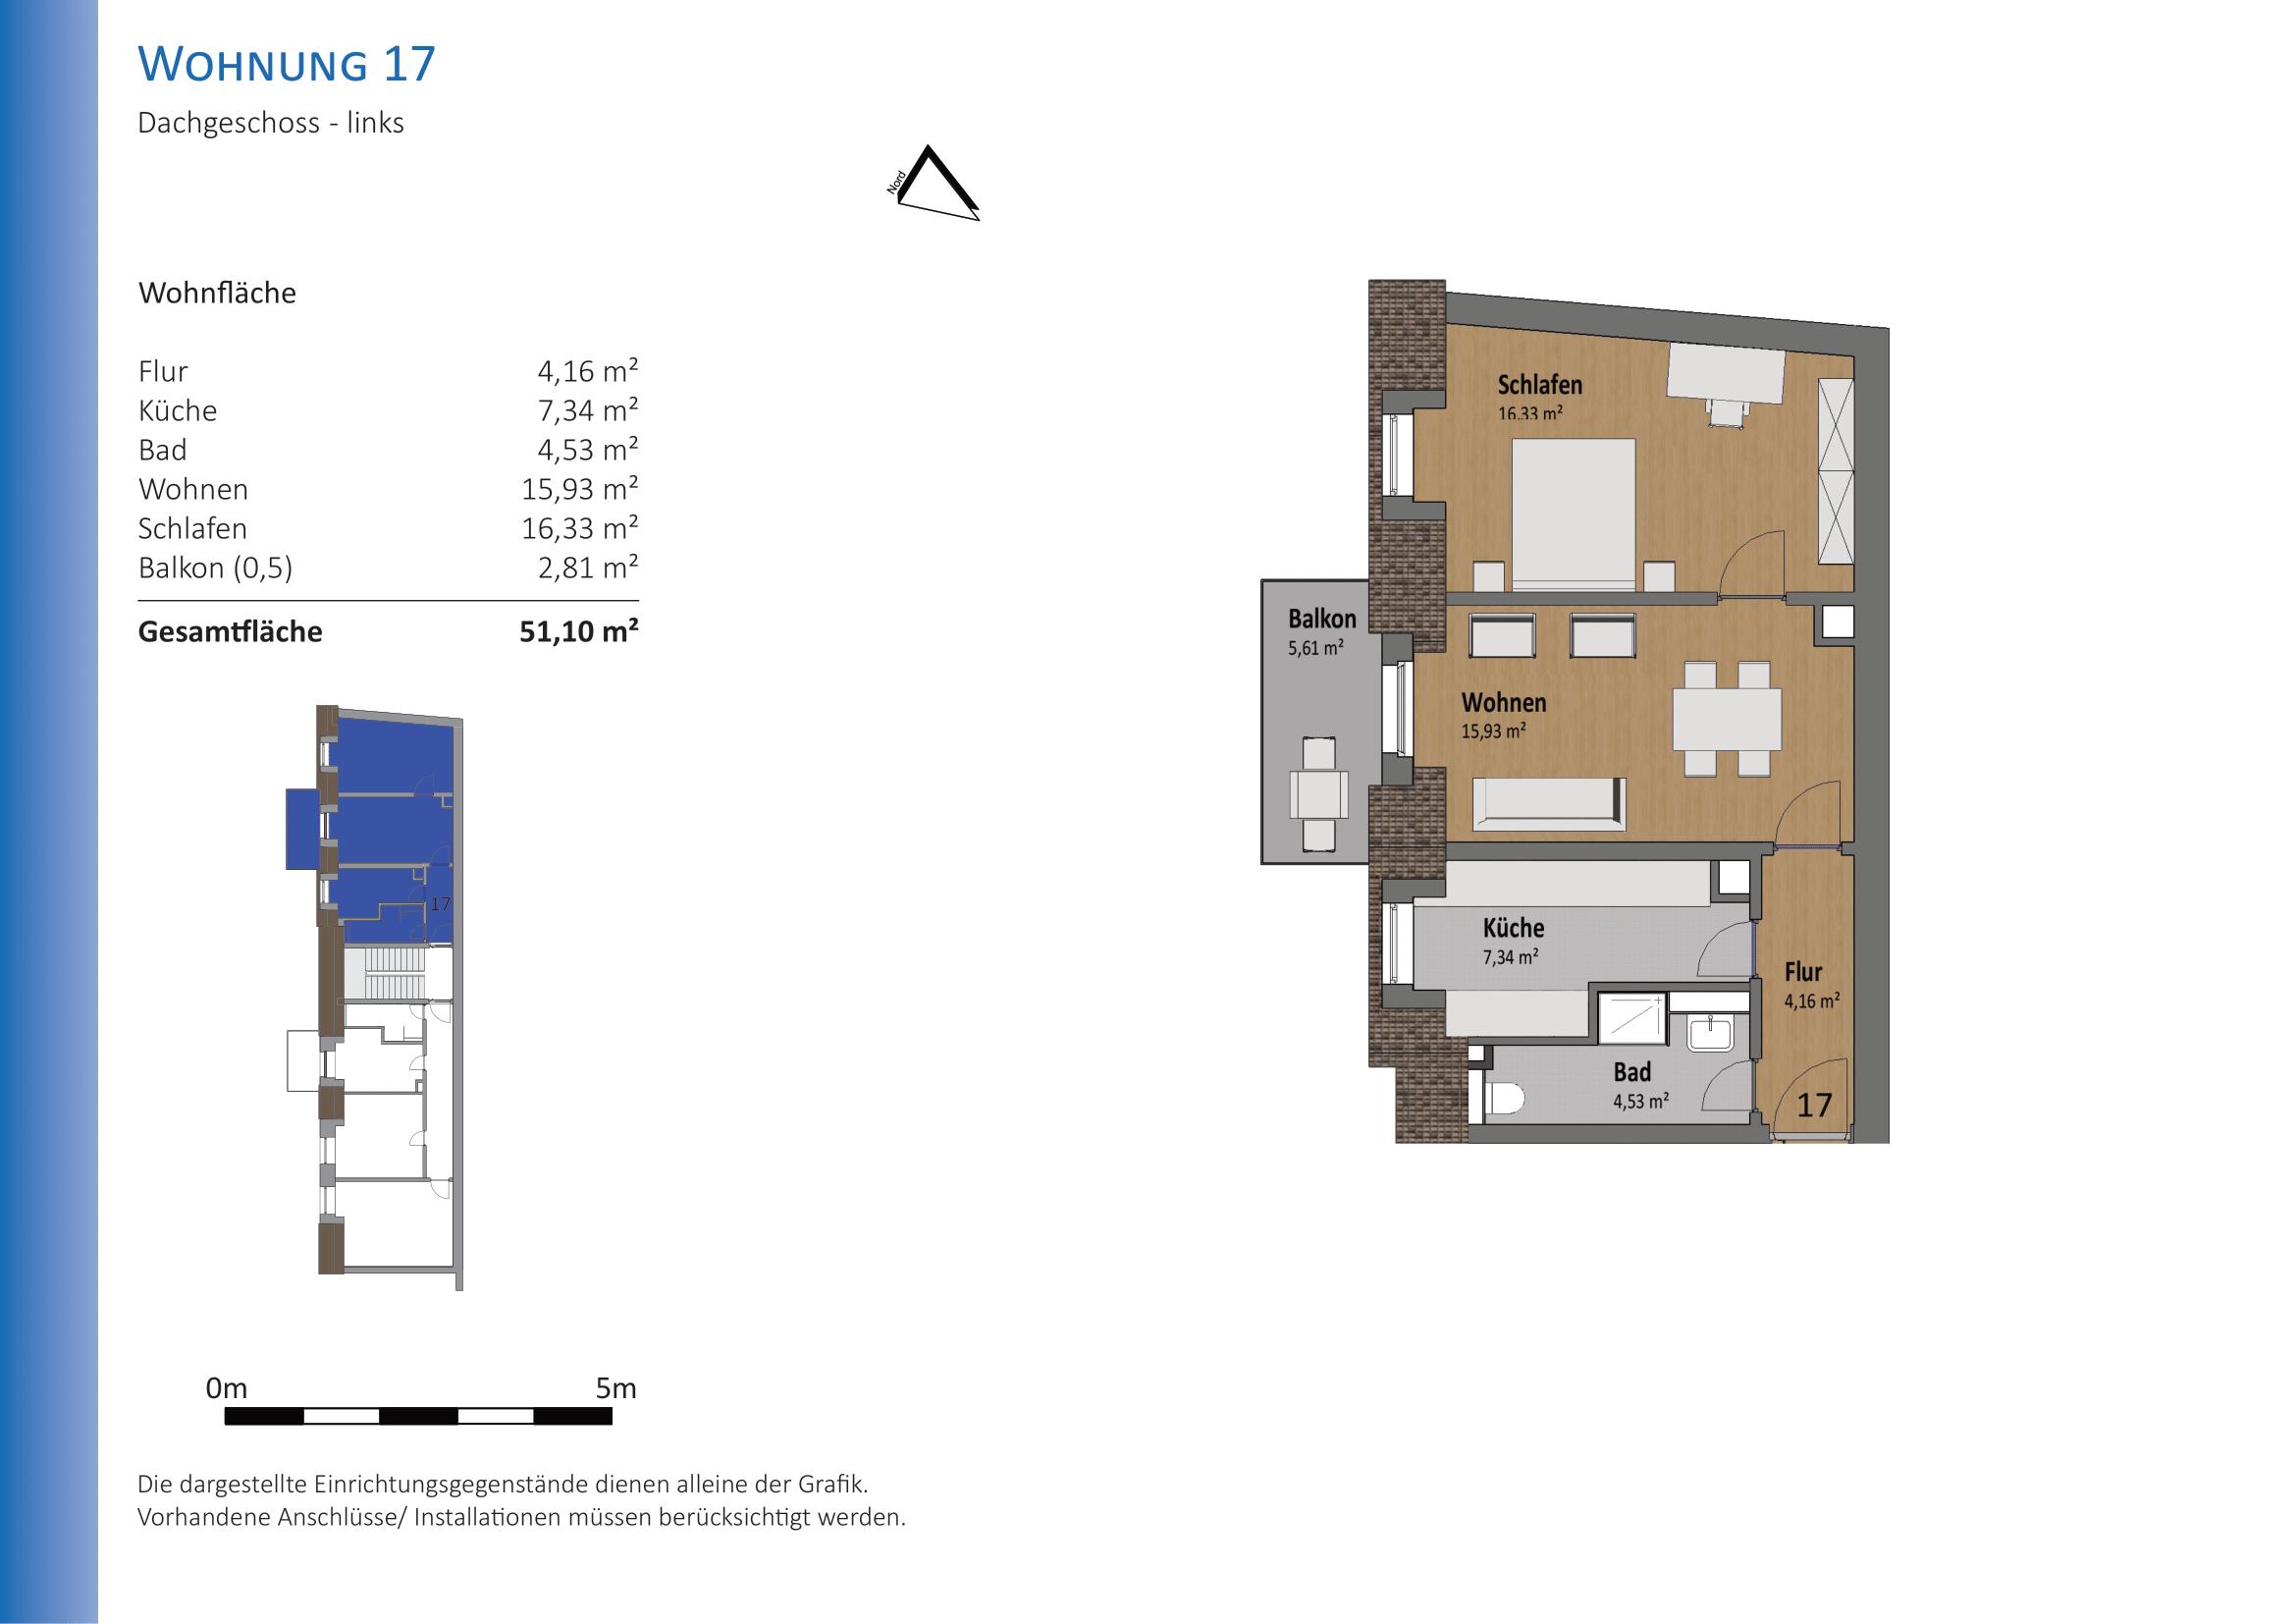 Wohnung 17